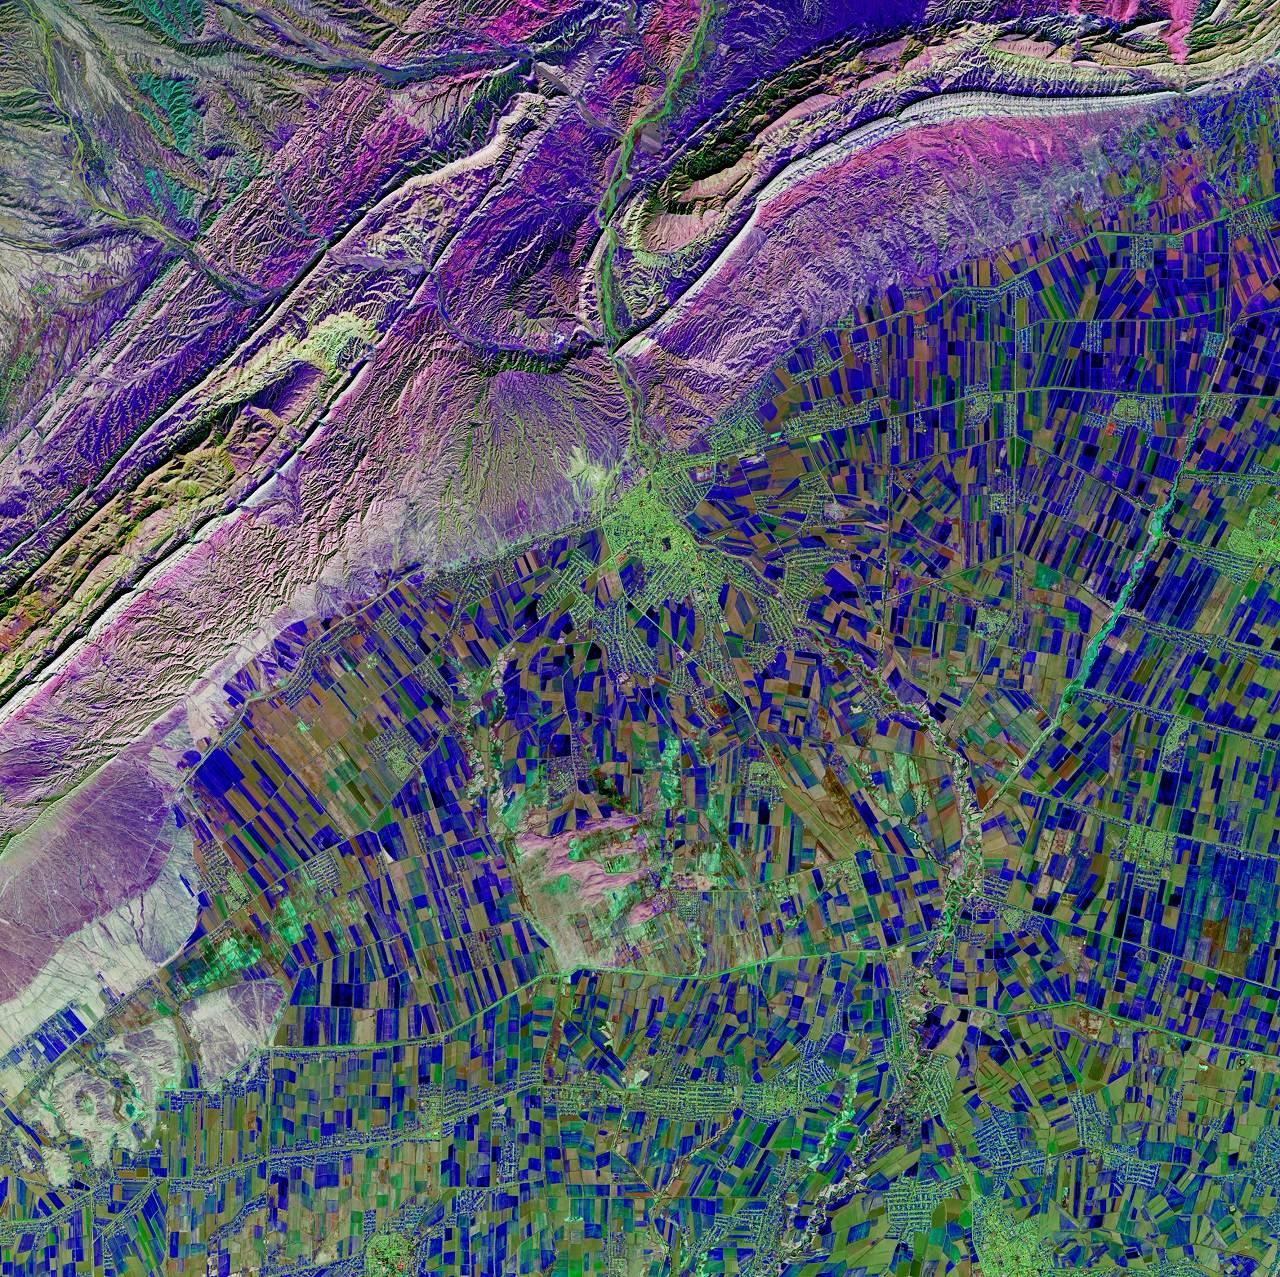 La NASA muestra una impresionante óptica artística de la Tierra